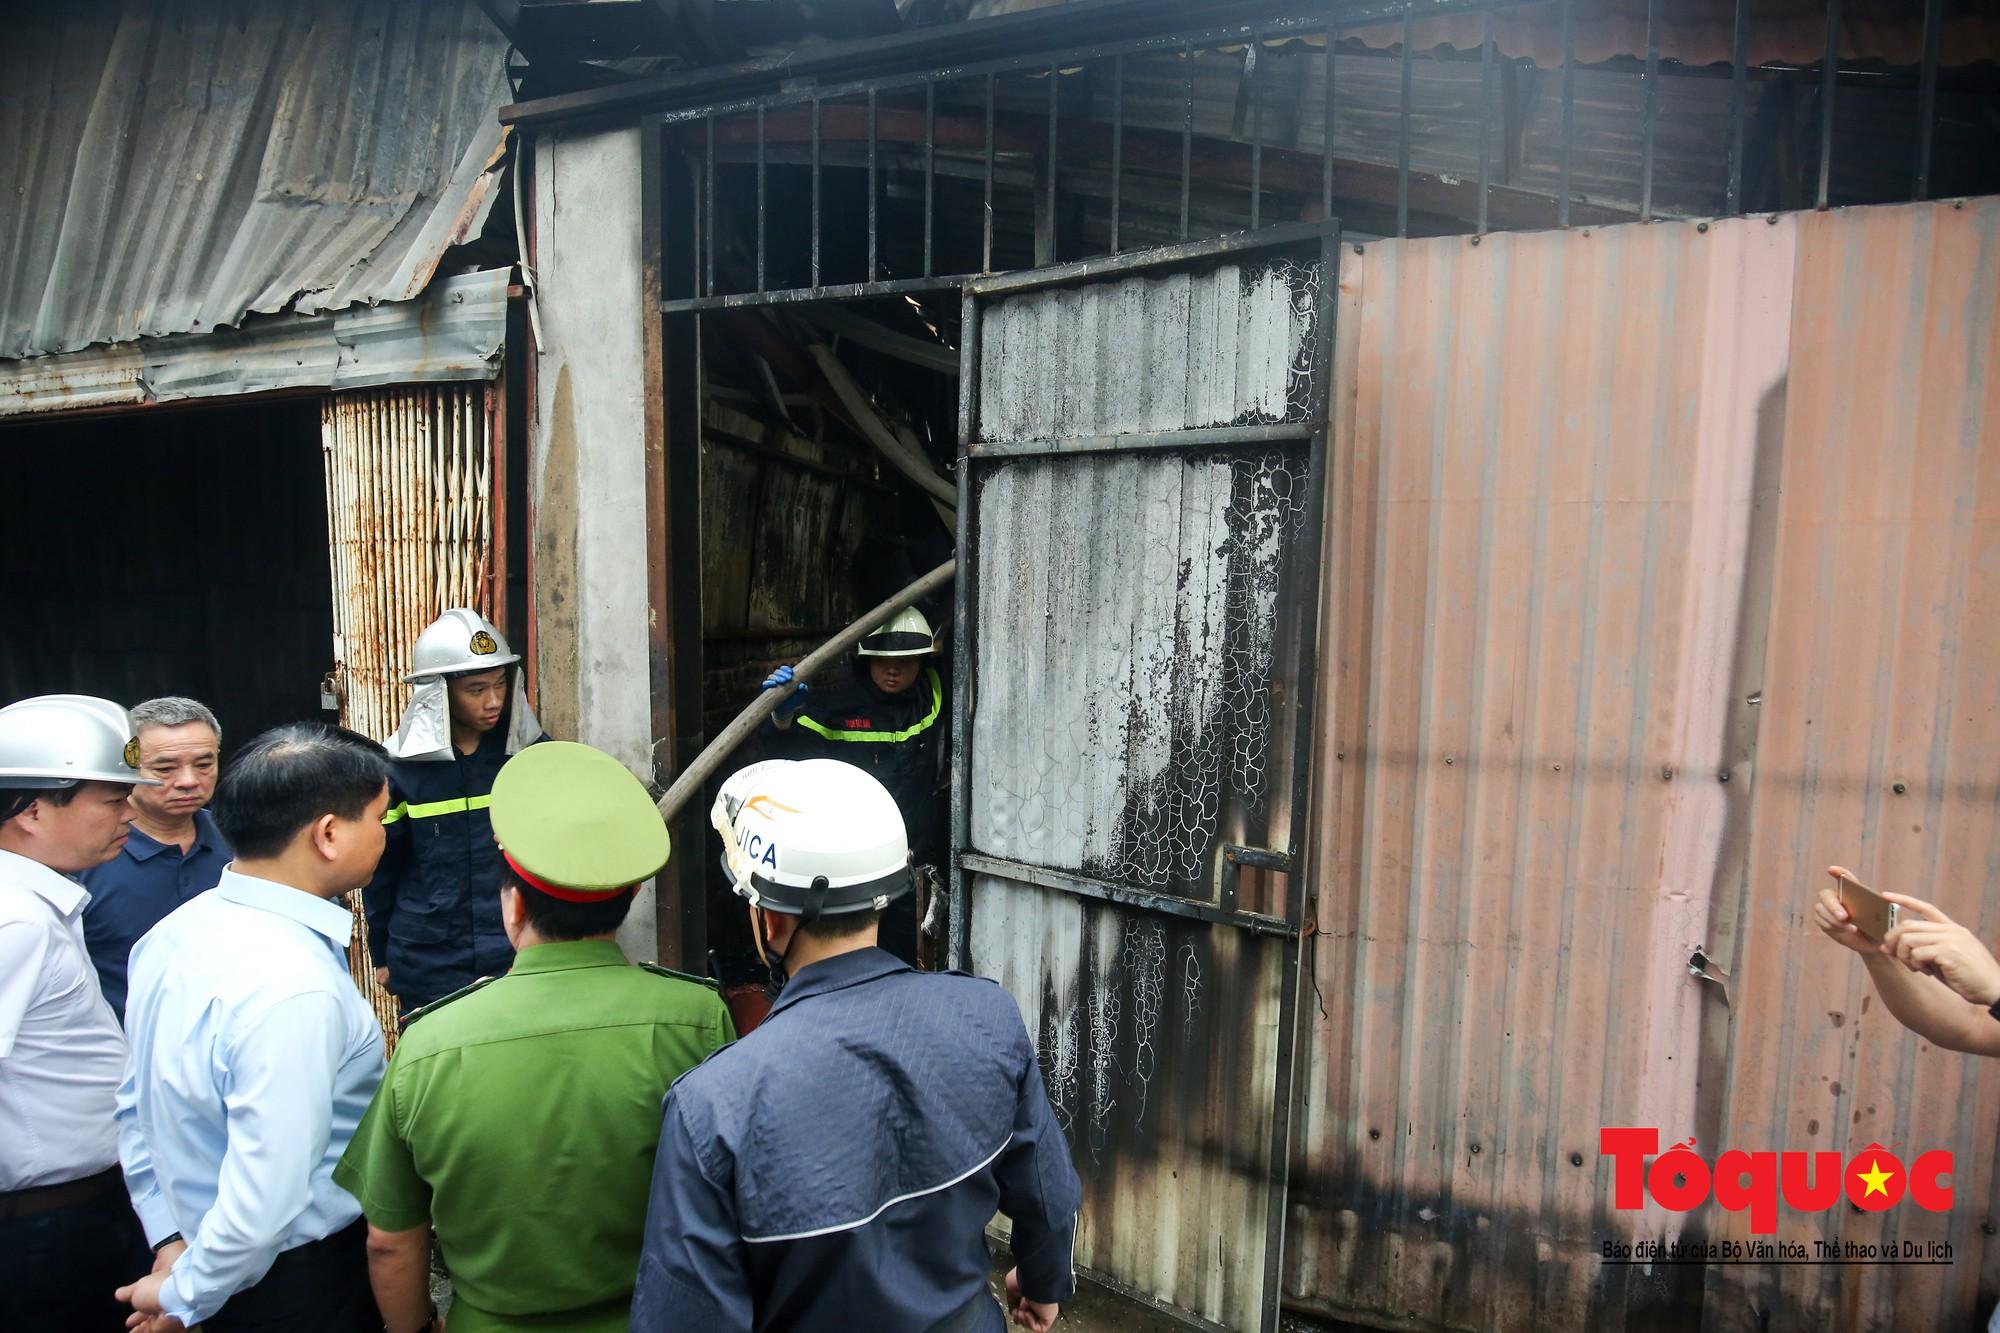 Cận cảnh hiện trường vụ Cháy thảm khốc ở Trung Văn, 8 người chết và mất tích - Ảnh 4.